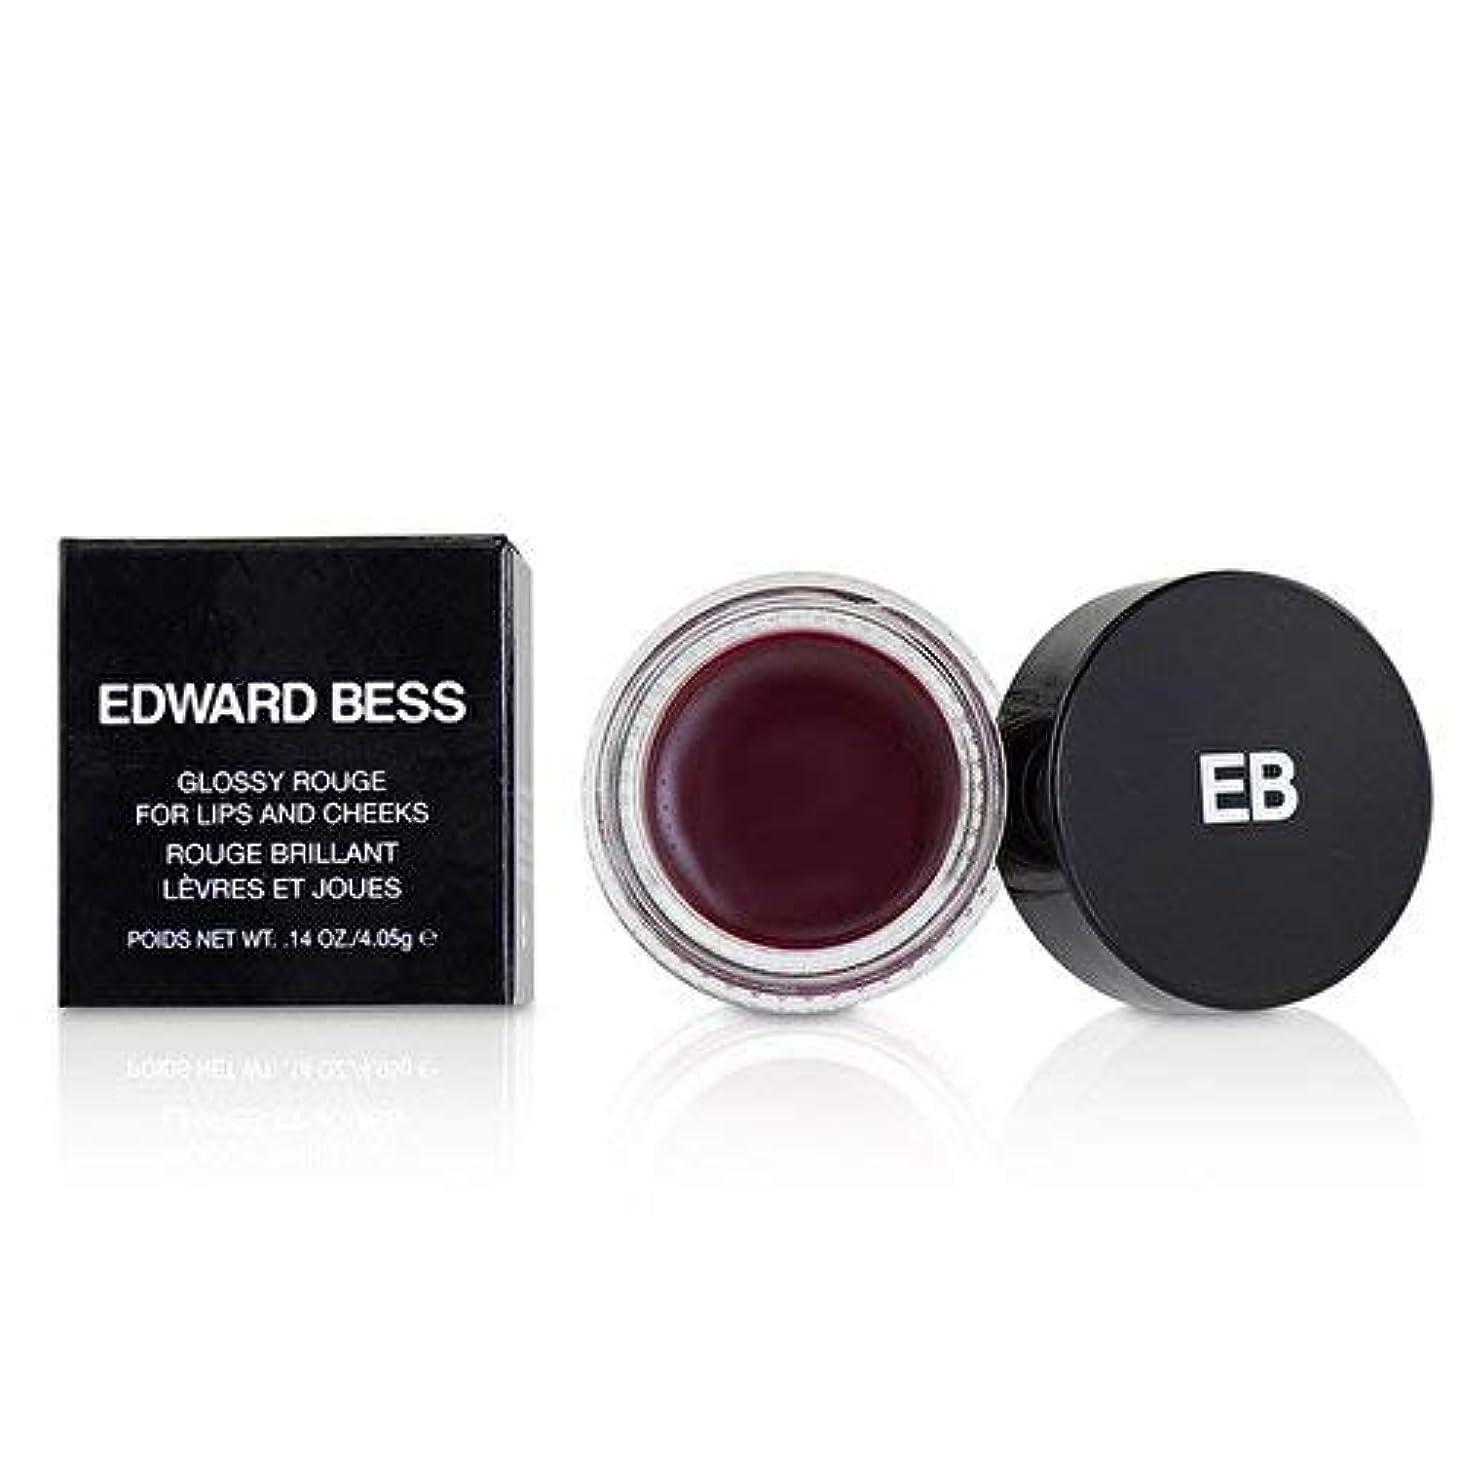 バスタブ市の花ブルジョンエドワードべス Glossy Rouge For Lips And Cheeks - # Spanish Rose 4.05g/0.14oz並行輸入品